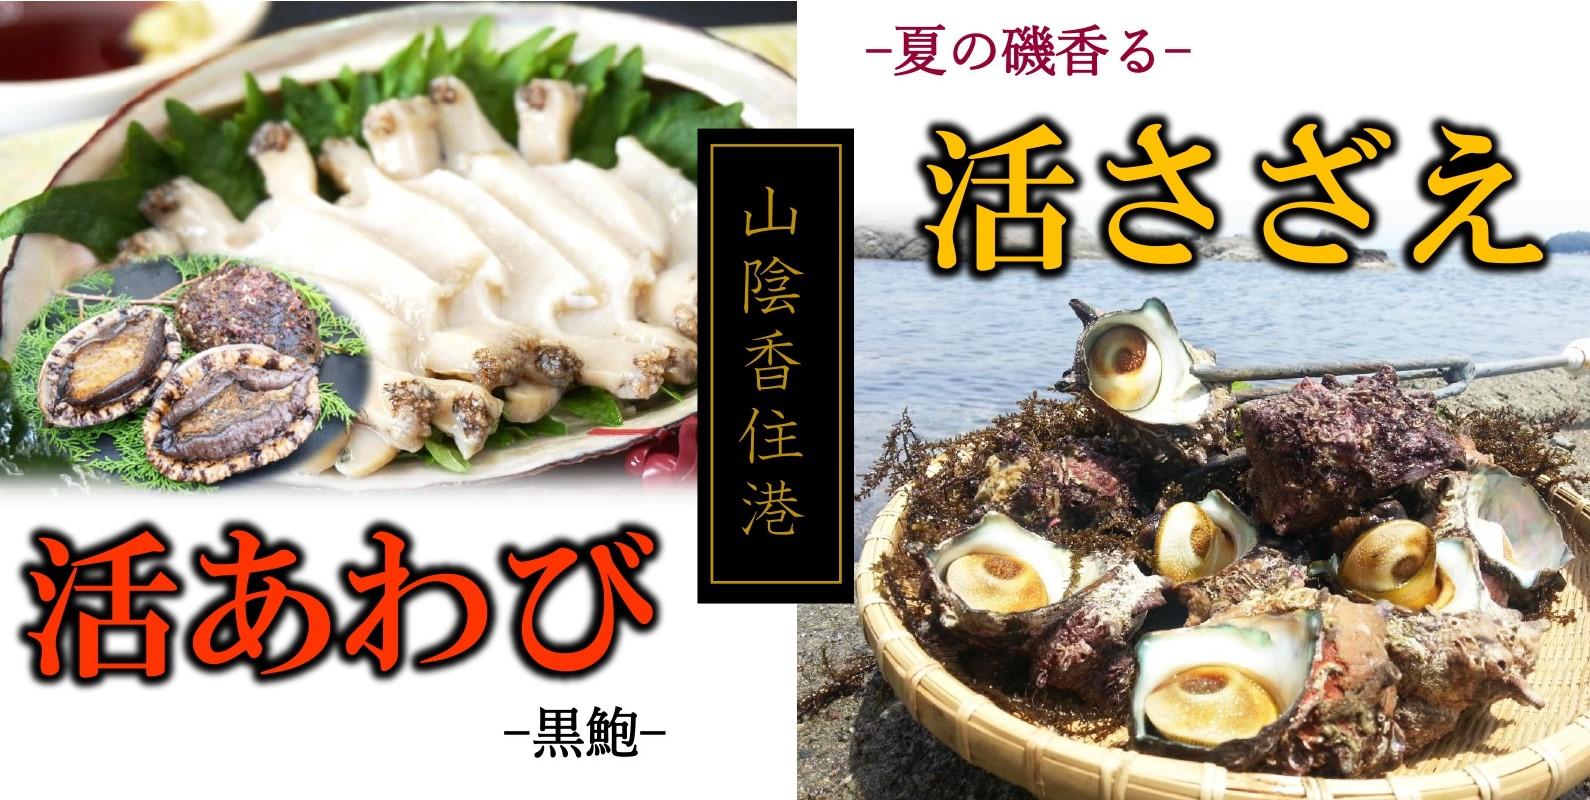 さざえ・あわび_page-0001 (1).jpg